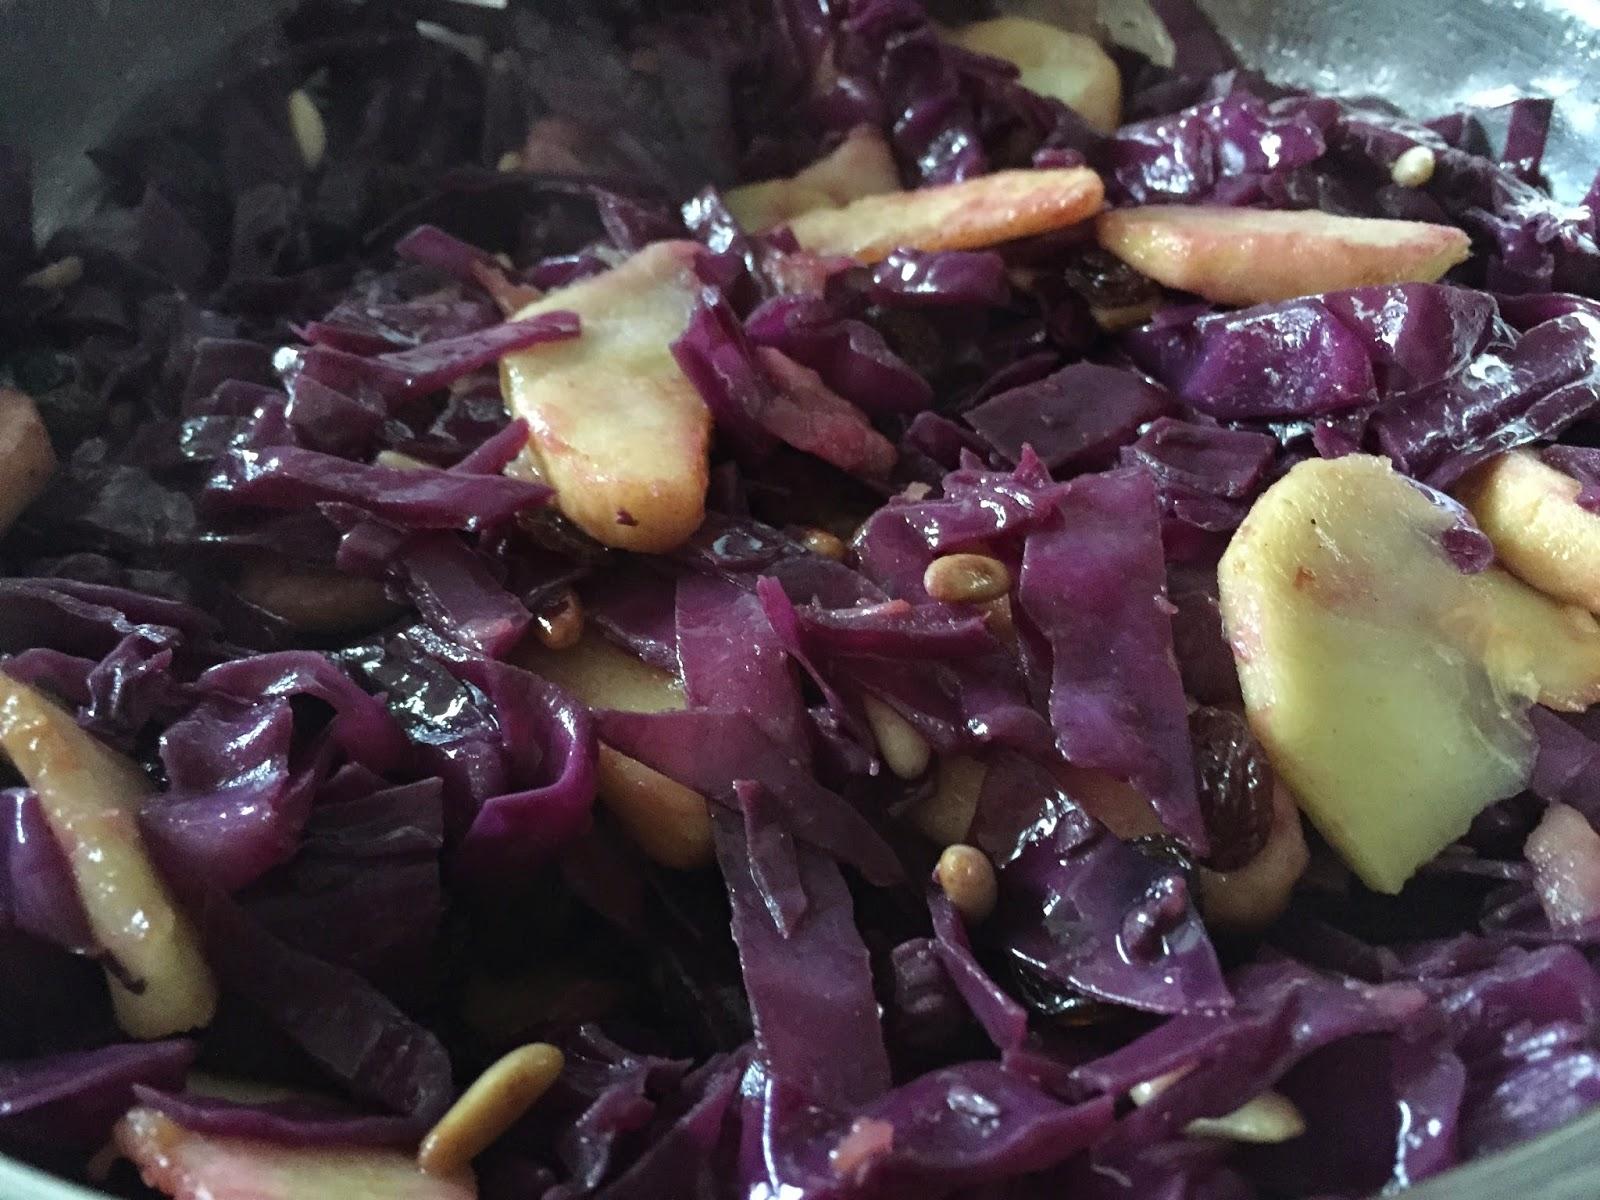 Conos de hojaldre rellenos de lombarda, añadiendo la manzana.